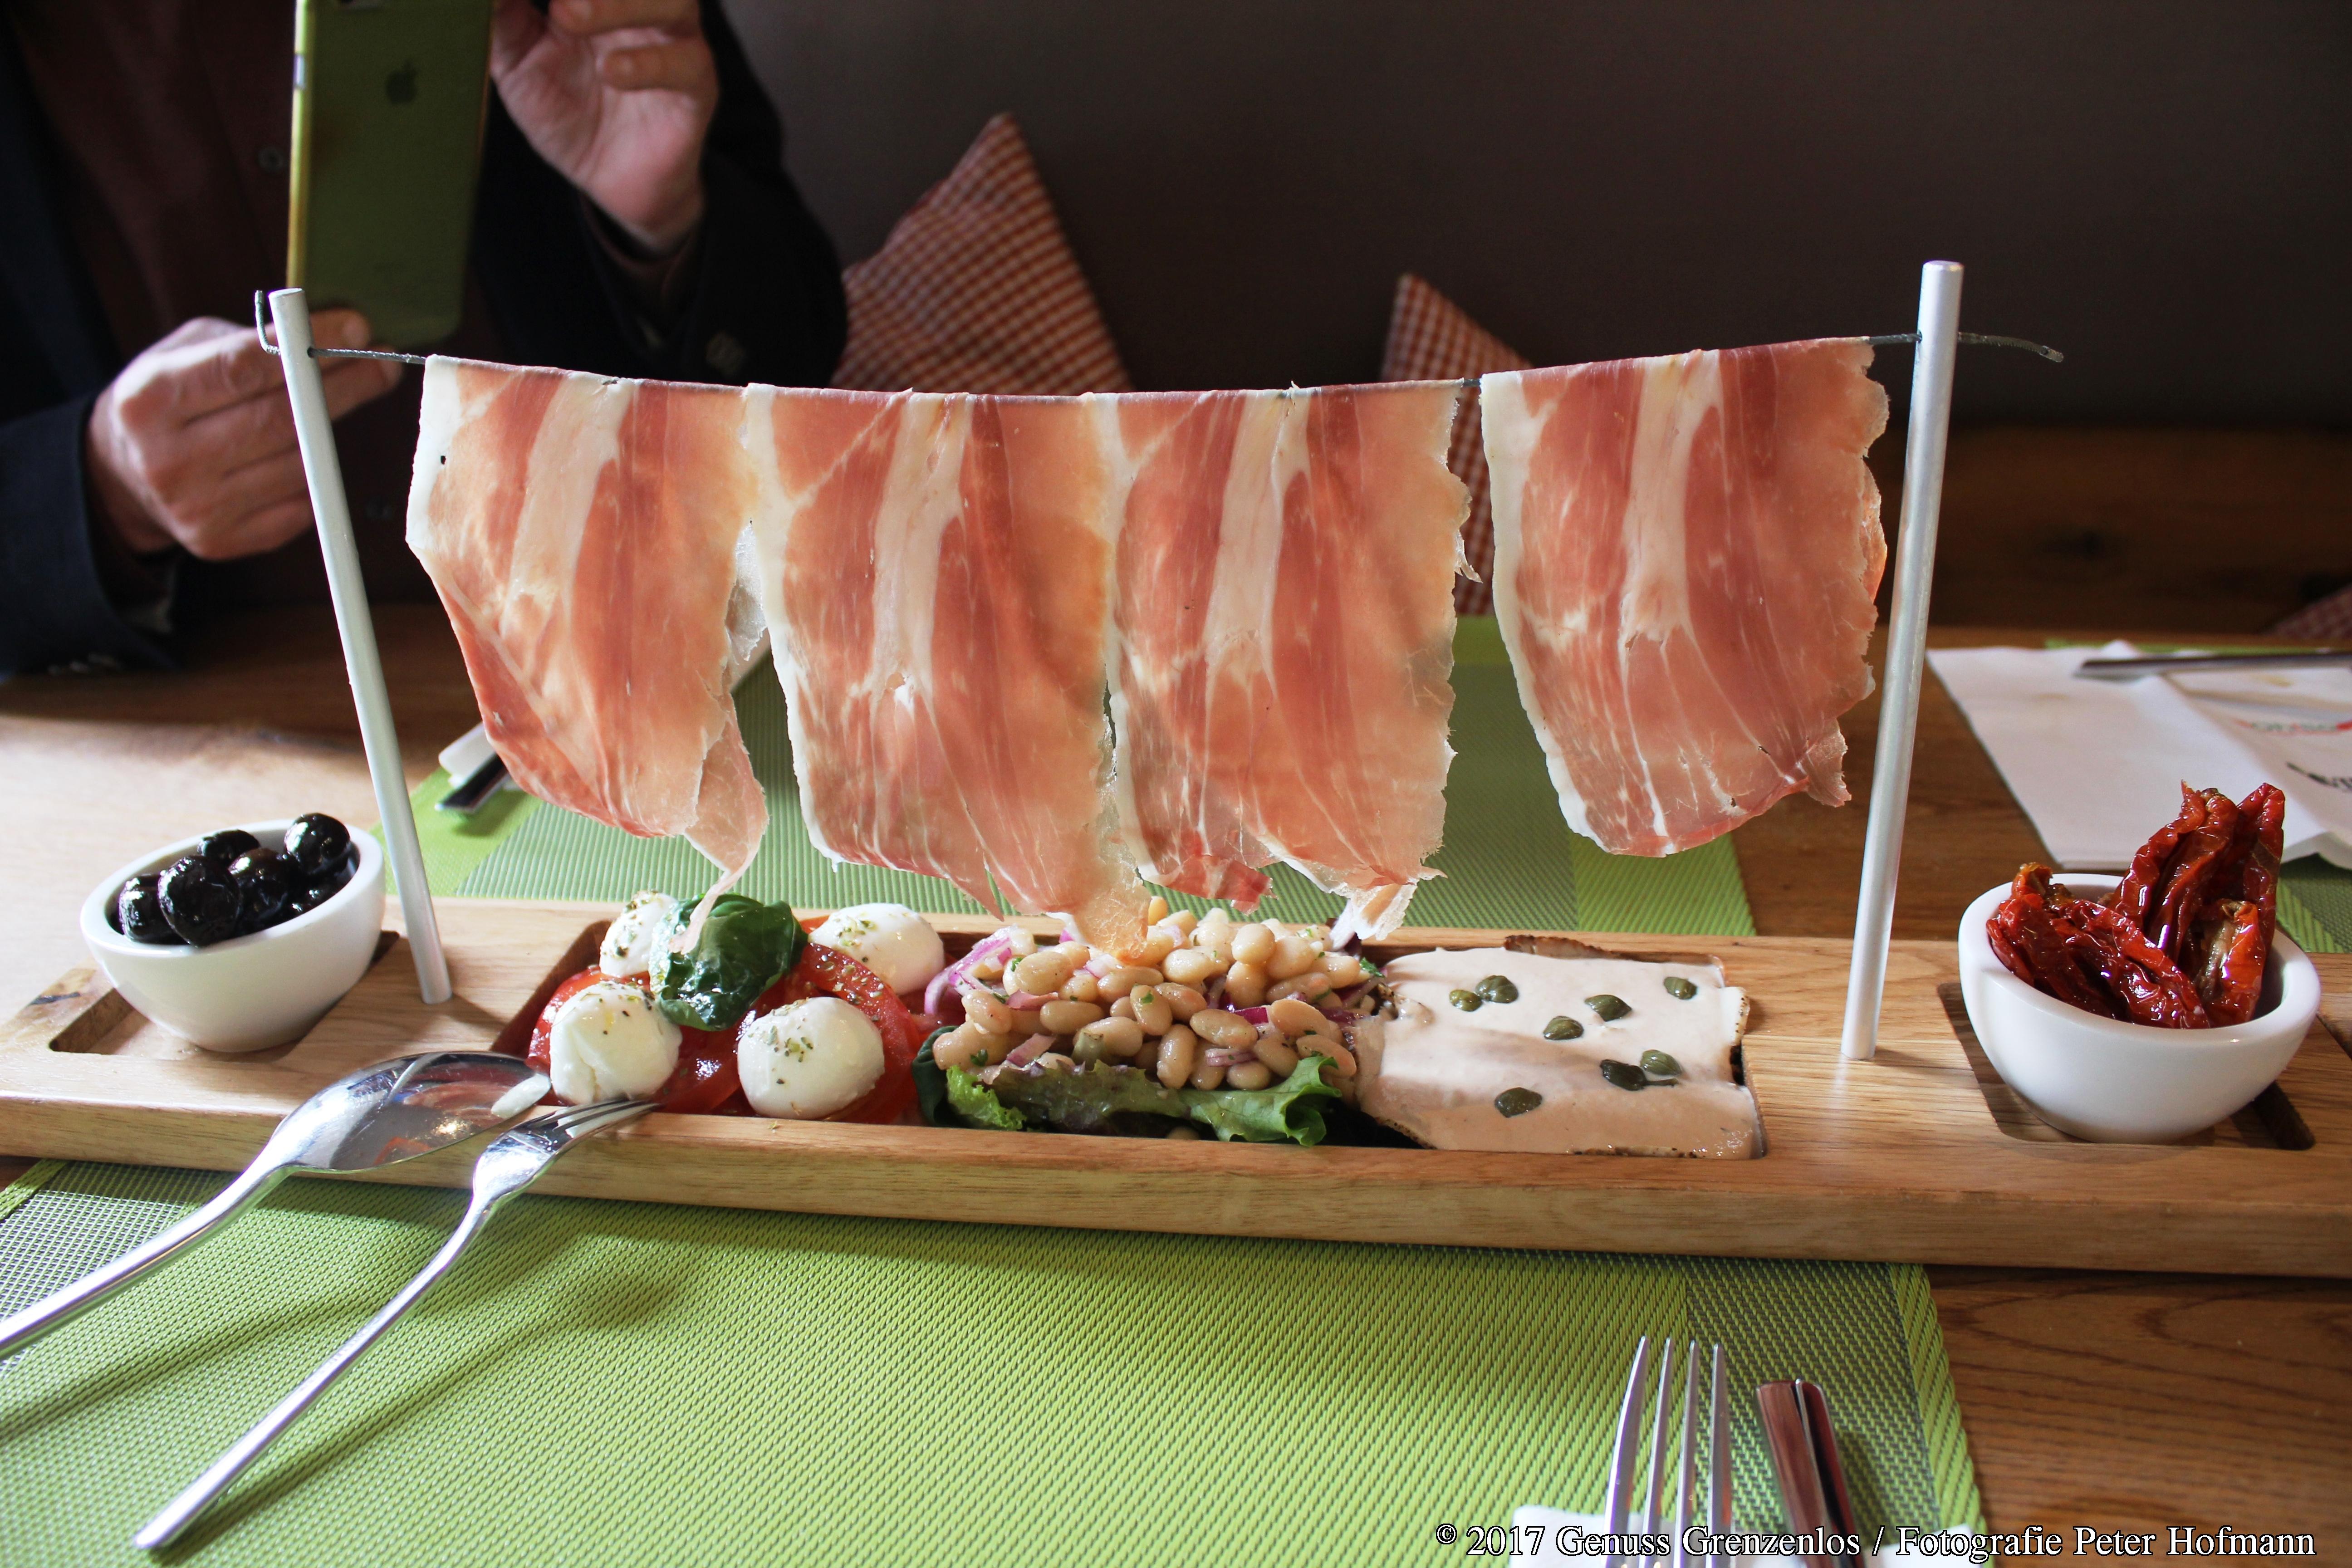 Japanisch Essen Zürich Flughafen ~ Oh!lio  Italienisches Restaurant  Genuss Grenzenlos  Genussagentur